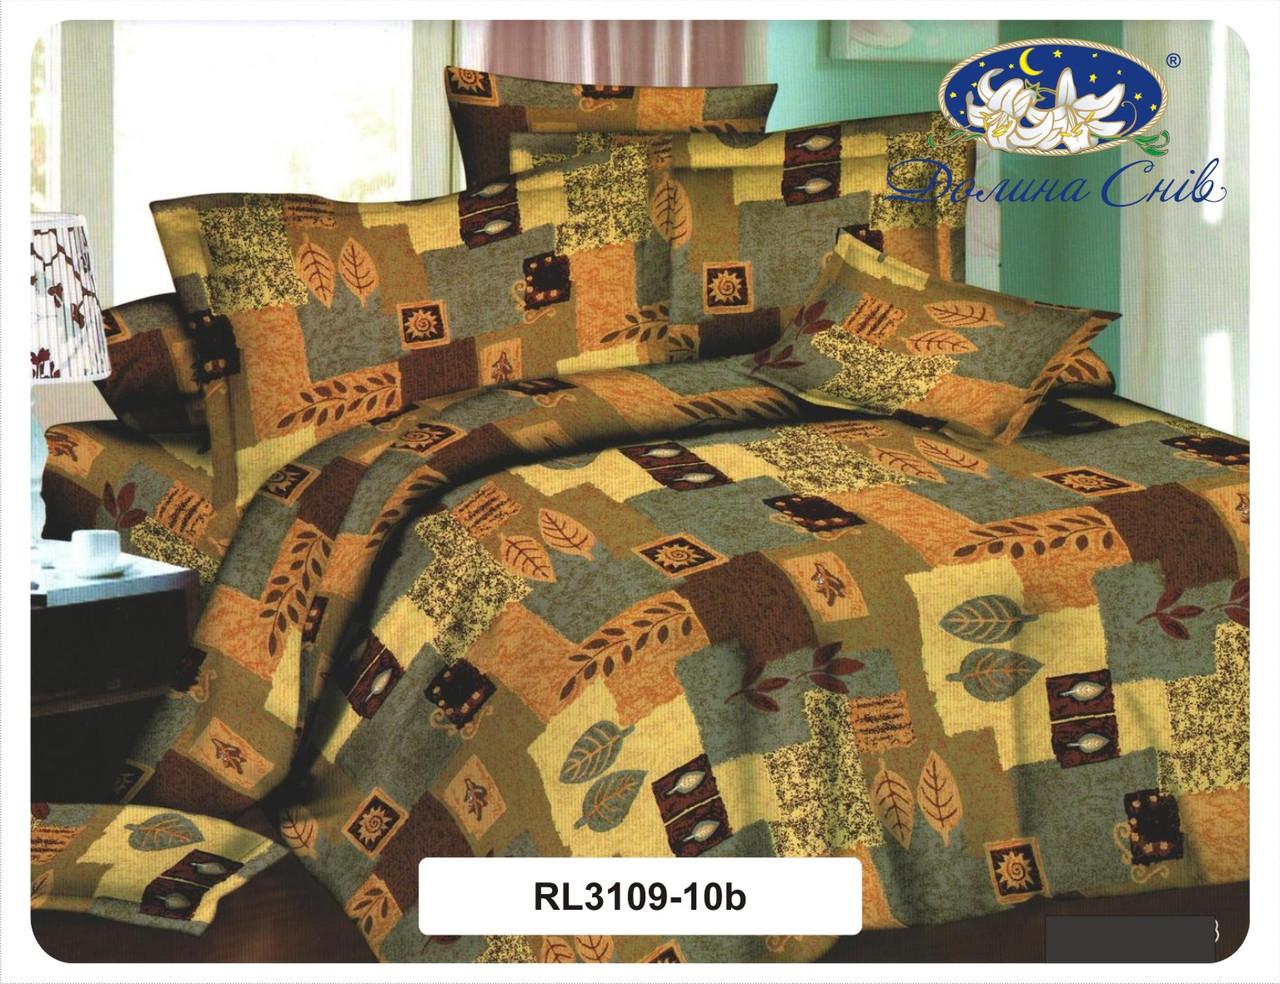 Одеяло из холлофайбера 172x205 см RL3109-10b